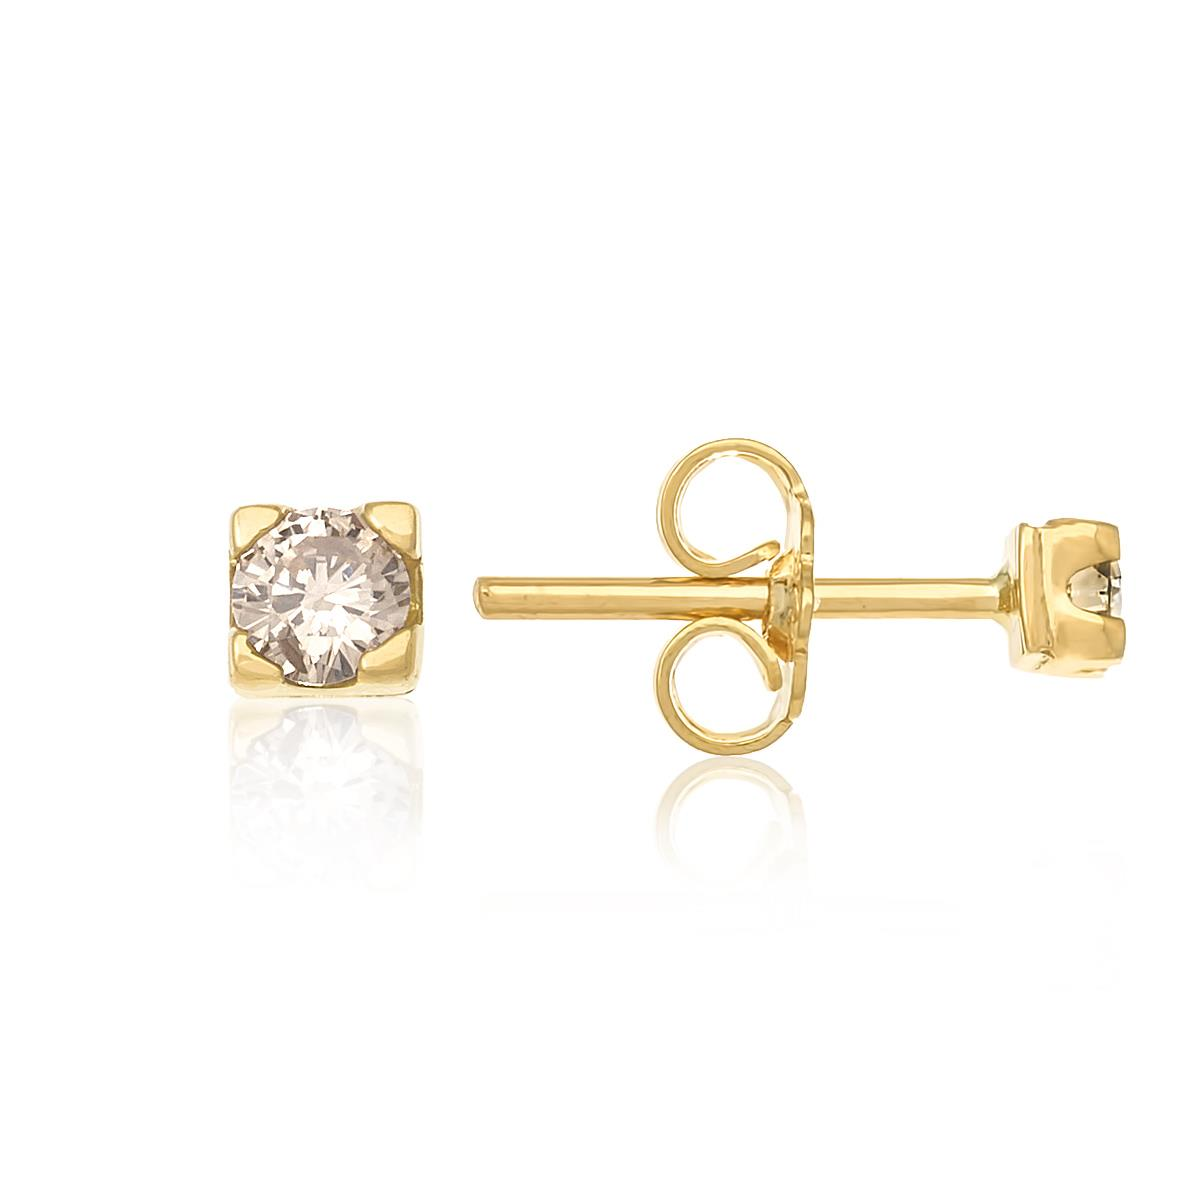 Par de Brincos Solitário com Diamantes totalizando 20 Pts, em Ouro Amarelo 7e33658be0